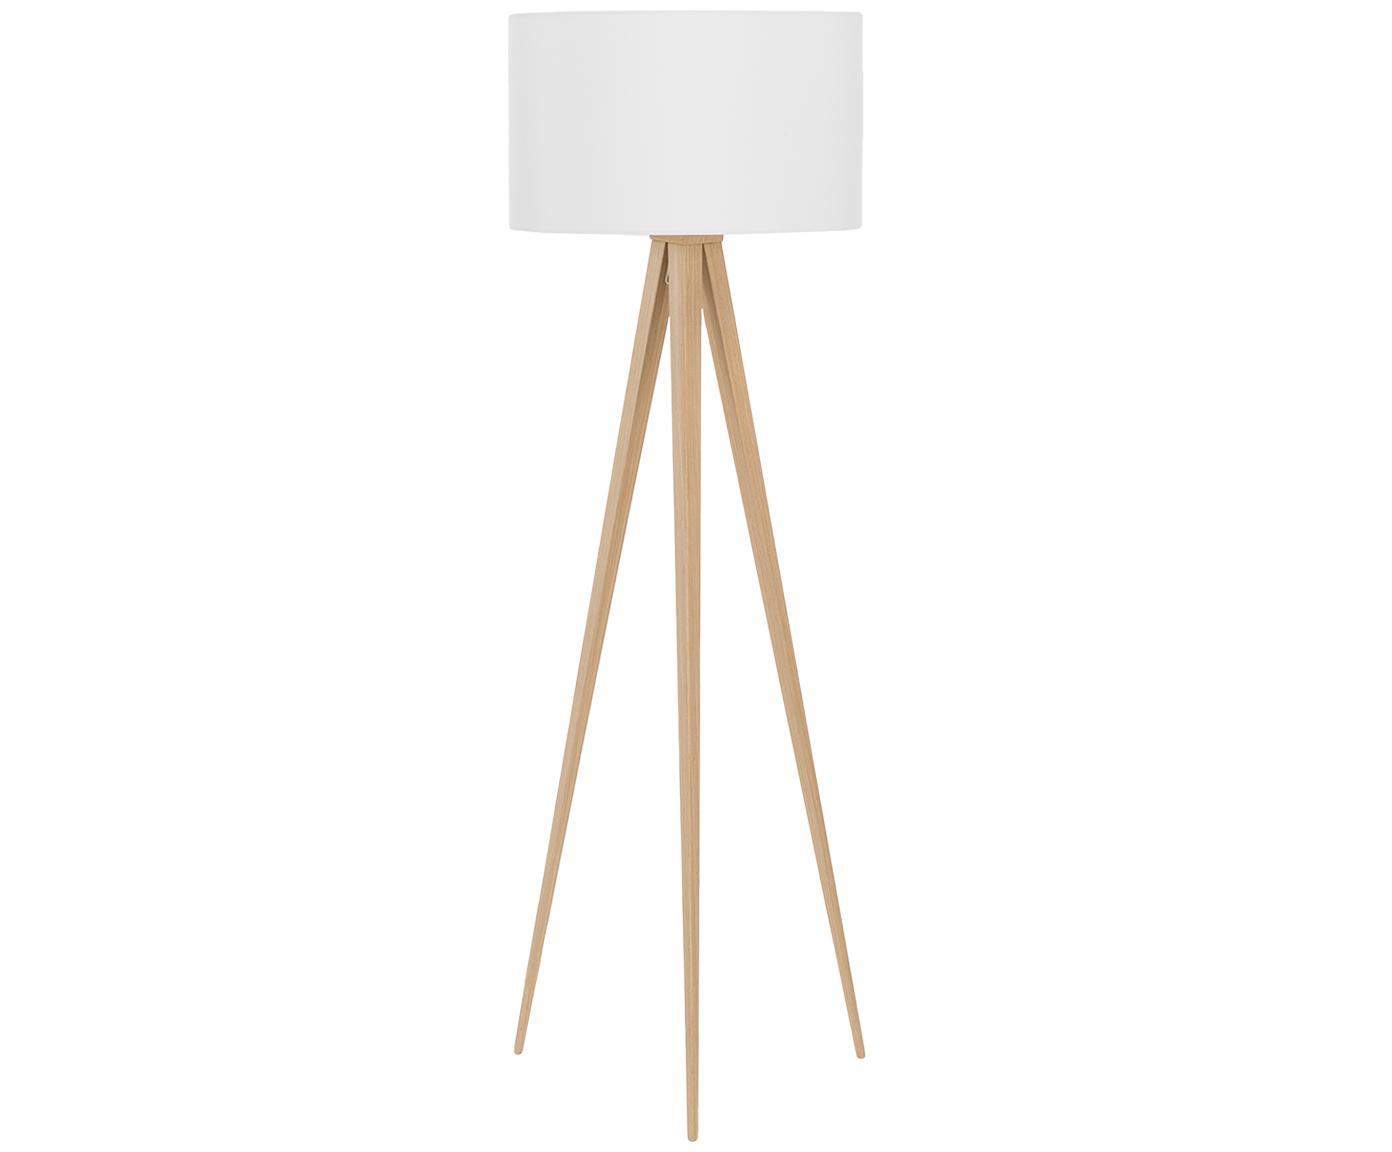 Vloerlamp Jake, Lampenkap: katoen, Lampvoet: metaal met houtfineer Het, Lampenkap: wit. Lampvoet: houtkleurig, Ø 50 x H 154 cm